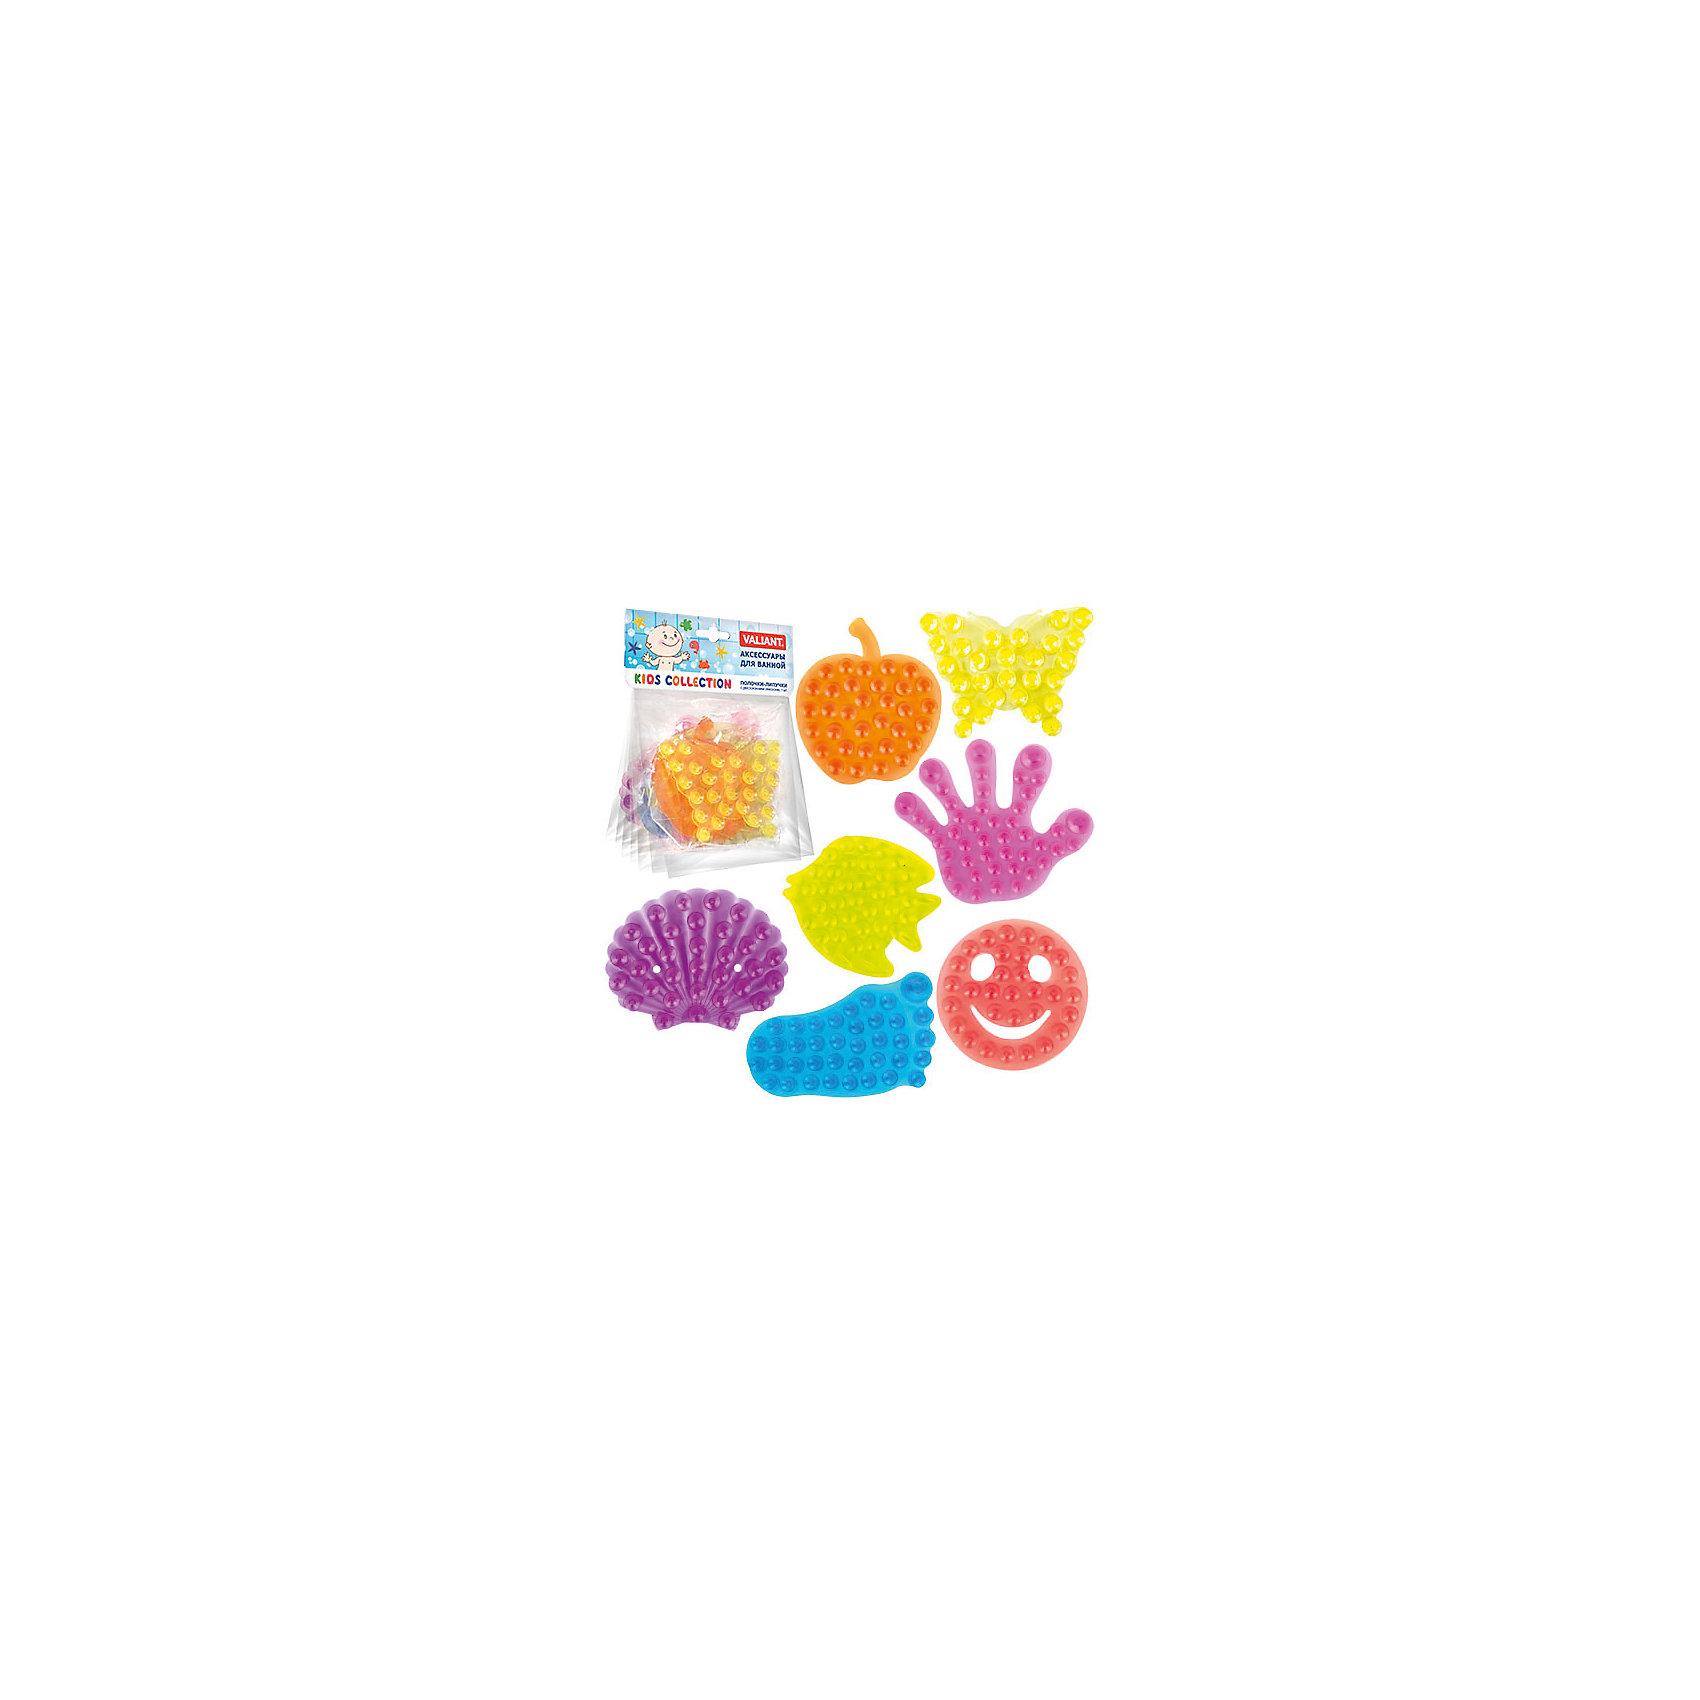 Набор полочек-липучек с двусторонними присосками, 7 штВанная комната<br>Полочки-липучки с двухсторонними присосками – это оригинальный и яркий аксессуар для ванной комнаты. С помощью присосок полочки-липучки легко и надёжно крепятся к любой гладкой поверхности, при этом отлично удерживая различные предметы: шампуни, гели, мыло, детские игрушки.<br><br>Дополнительная информация:<br><br>В наборе 7 штук<br>- материал: полимеры<br><br>Набор полочек-липучек с двусторонними присосками можно купить в нашем интернет-магазине.<br><br>Ширина мм: 135<br>Глубина мм: 8<br>Высота мм: 160<br>Вес г: 130<br>Возраст от месяцев: -2147483648<br>Возраст до месяцев: 2147483647<br>Пол: Унисекс<br>Возраст: Детский<br>SKU: 4563411